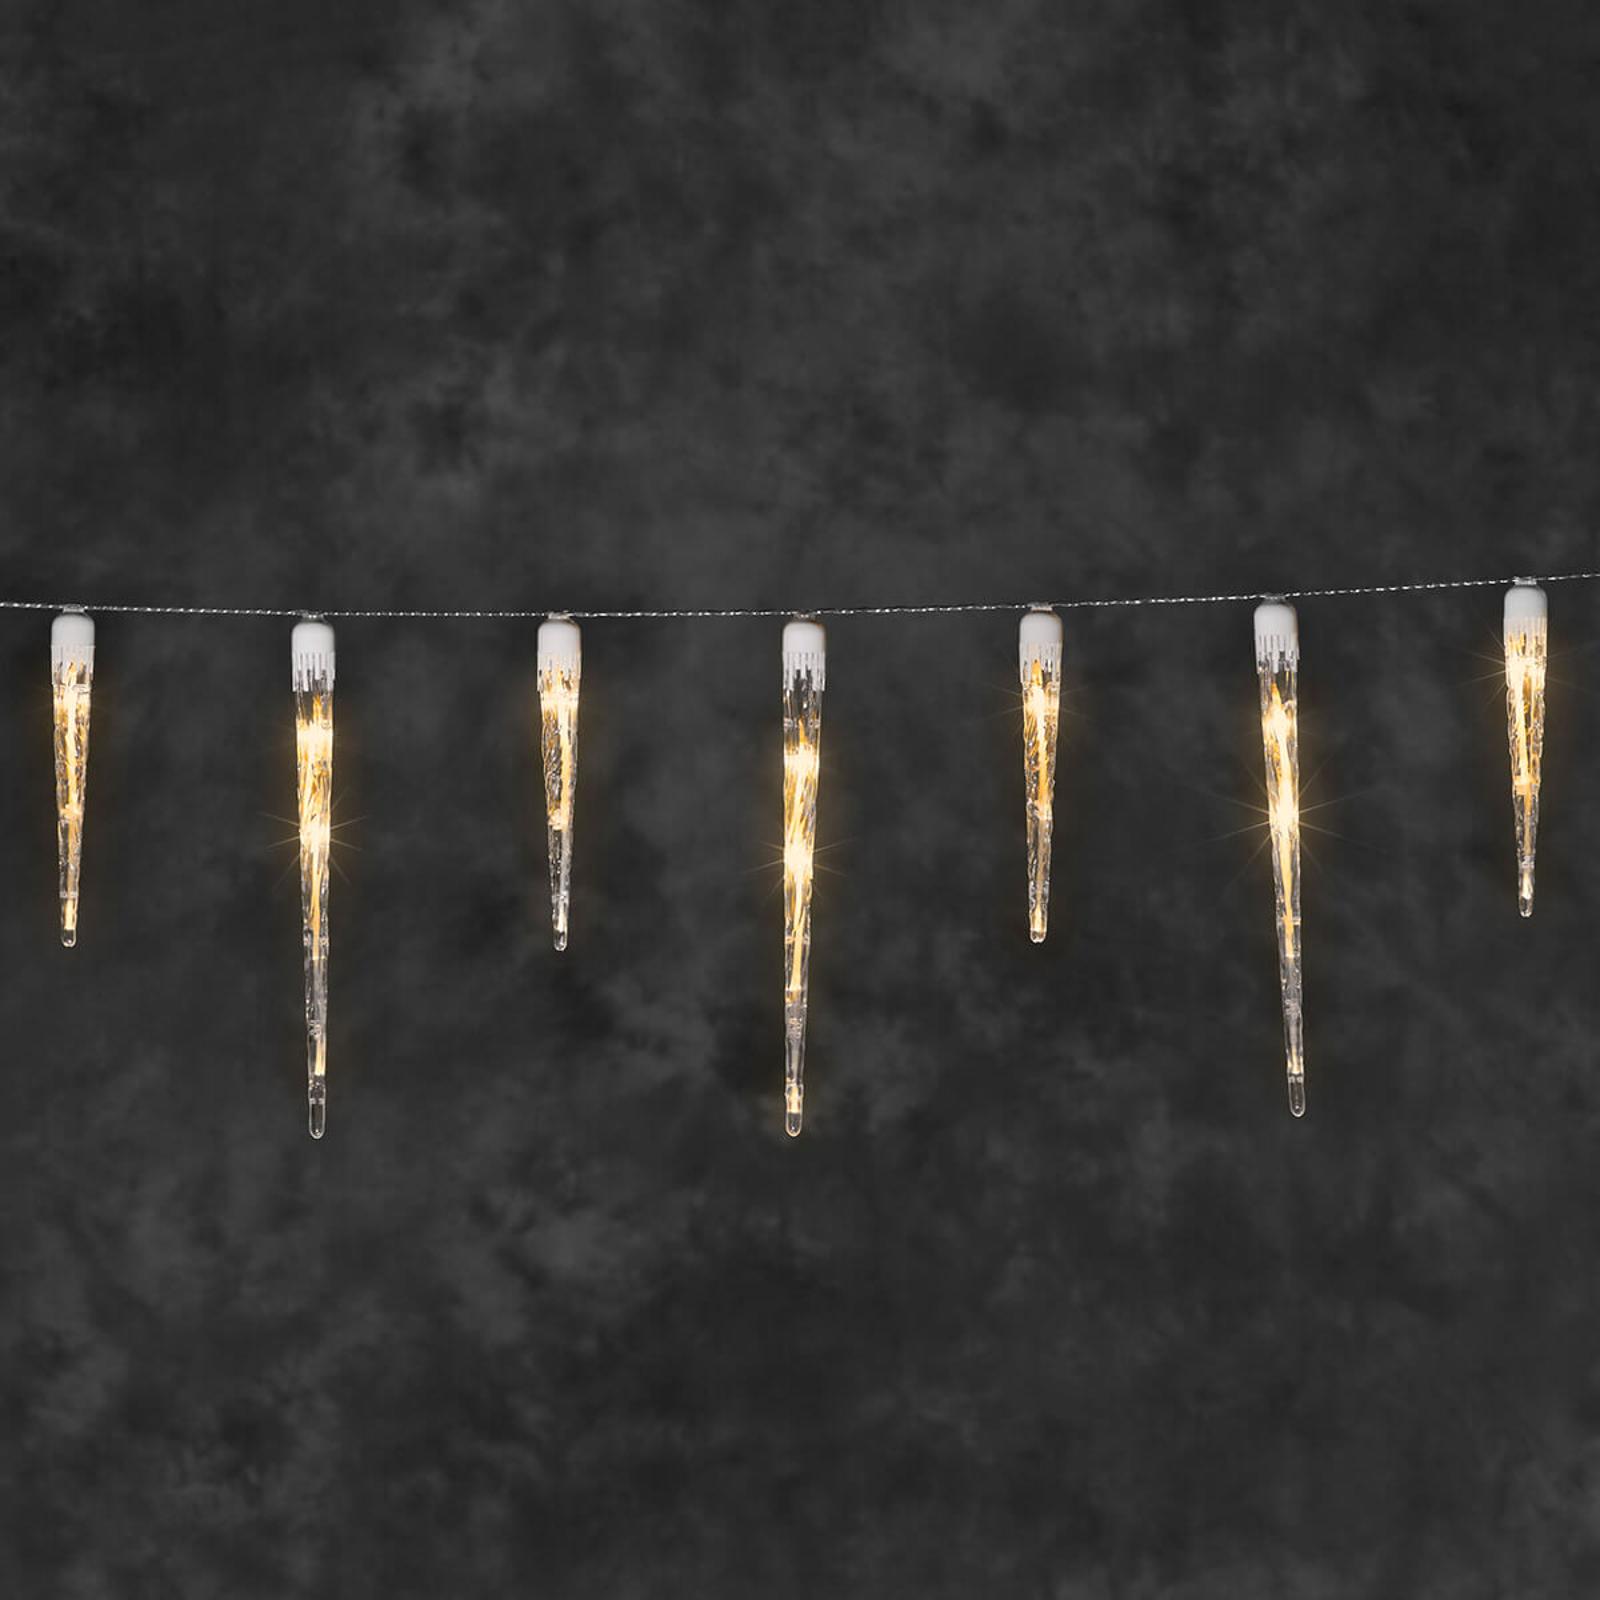 Istapp-lyslenke LED for utendørs bruk